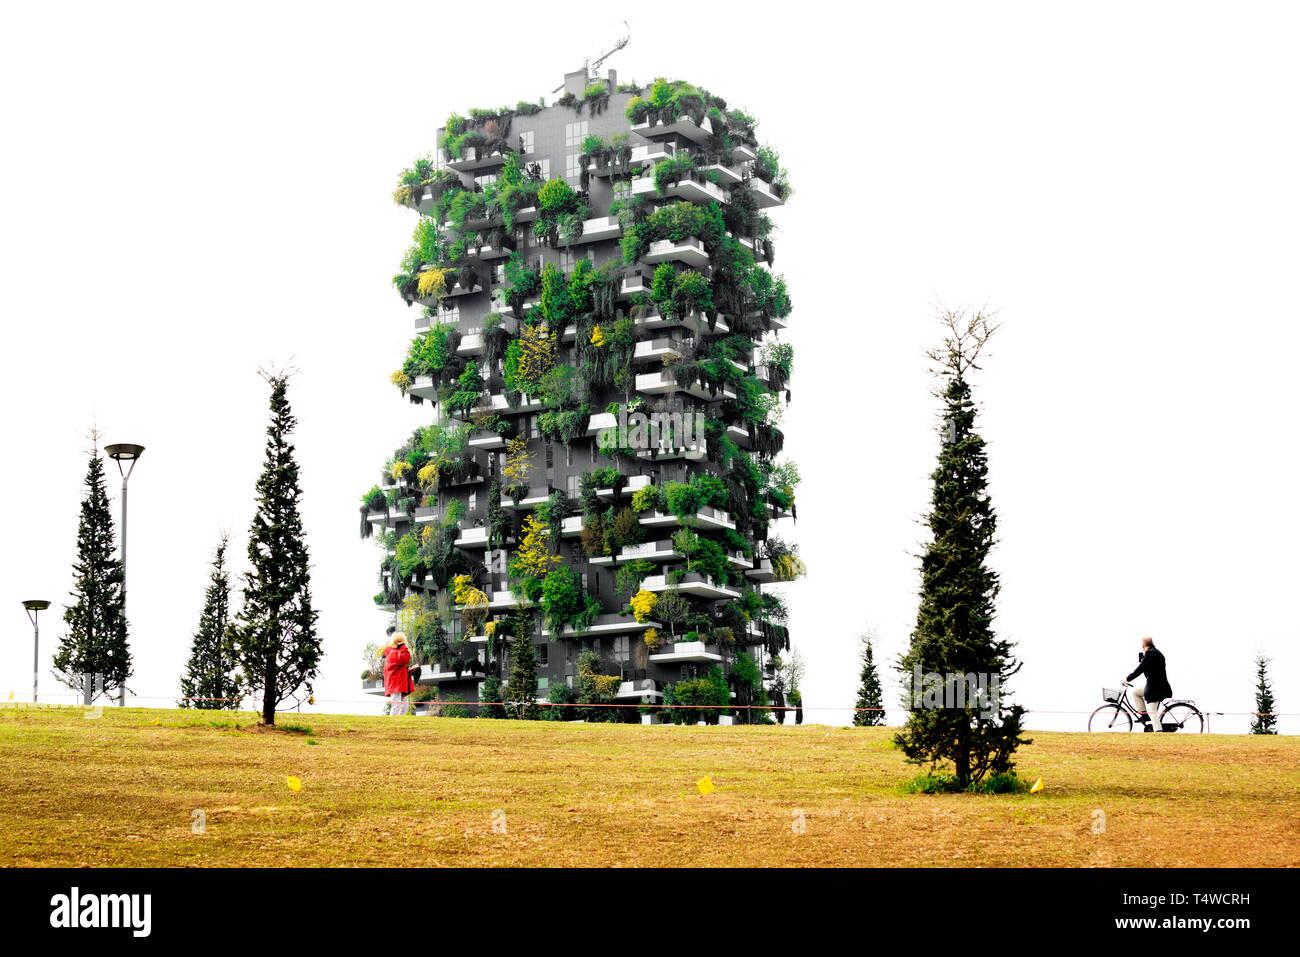 Tour de la forêt verticale dans 'Bibliothèque d'arbres parc', Milan, Italie Photo Stock